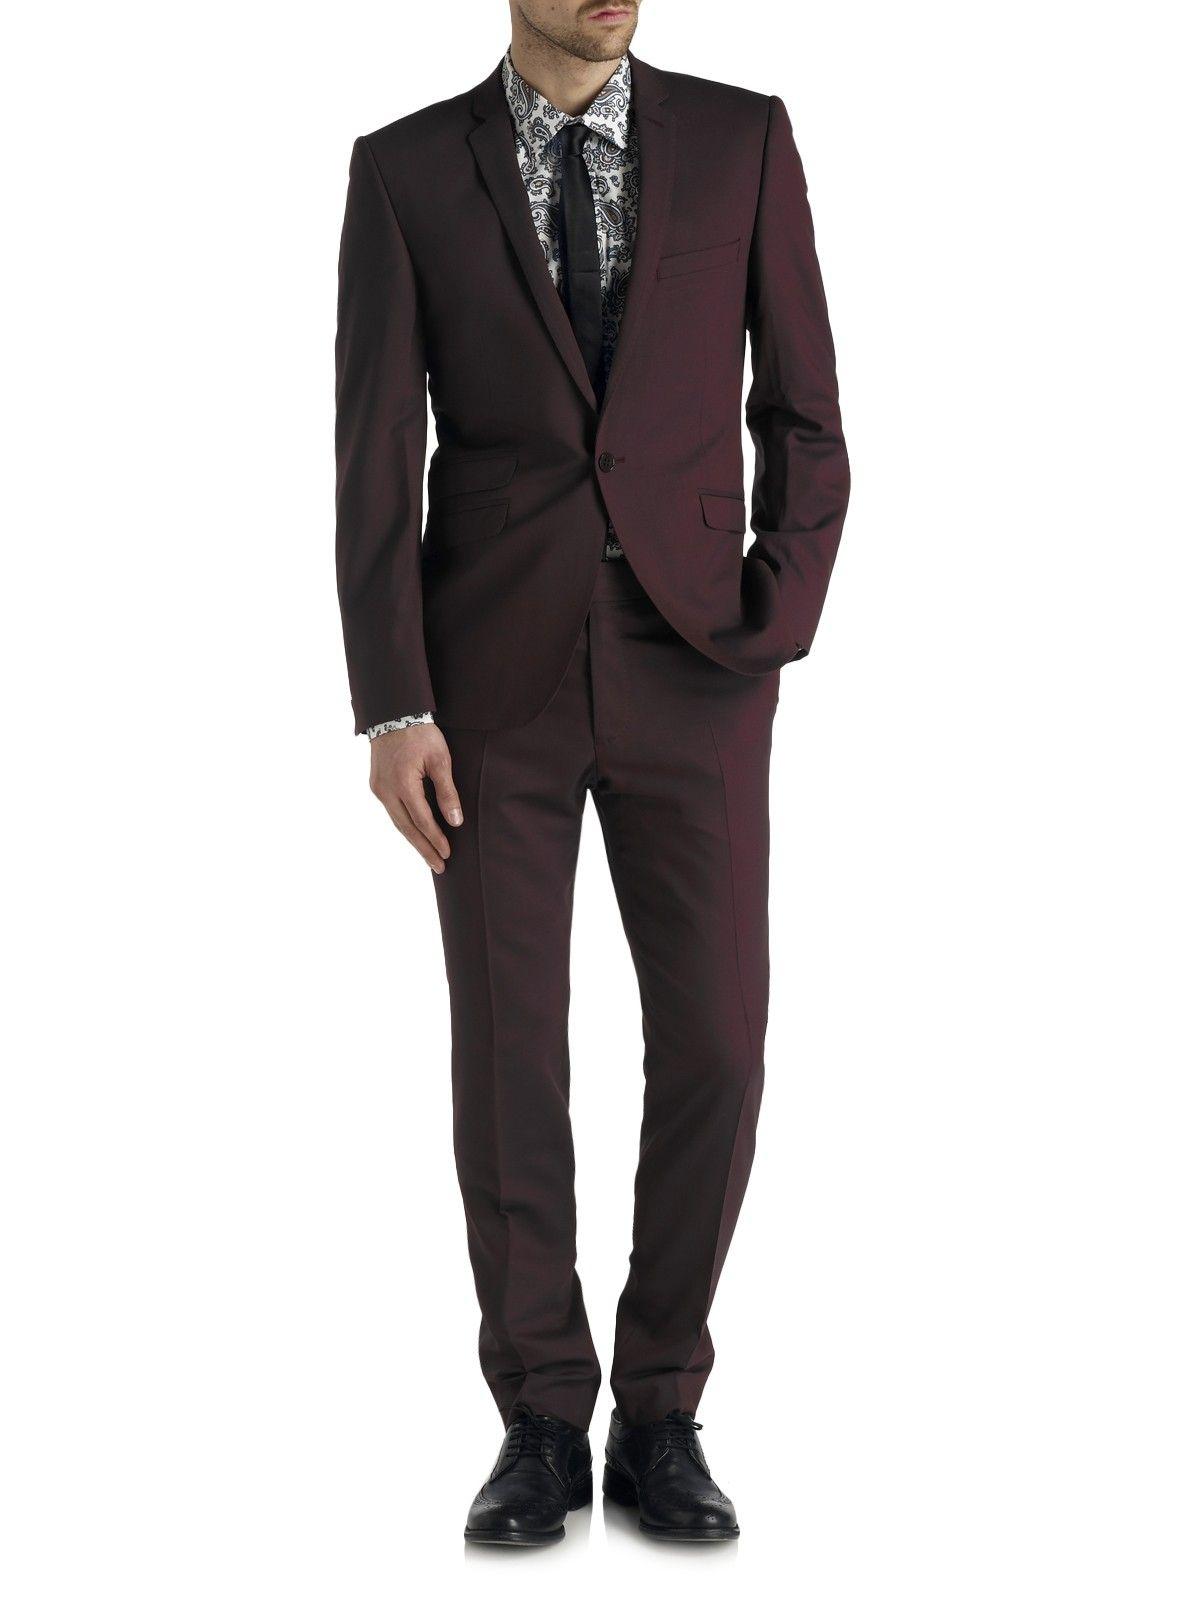 9a48a318302 Notch Lapel Plum Suit Jacket | My Style | Suits, Checked shirt, Suit ...